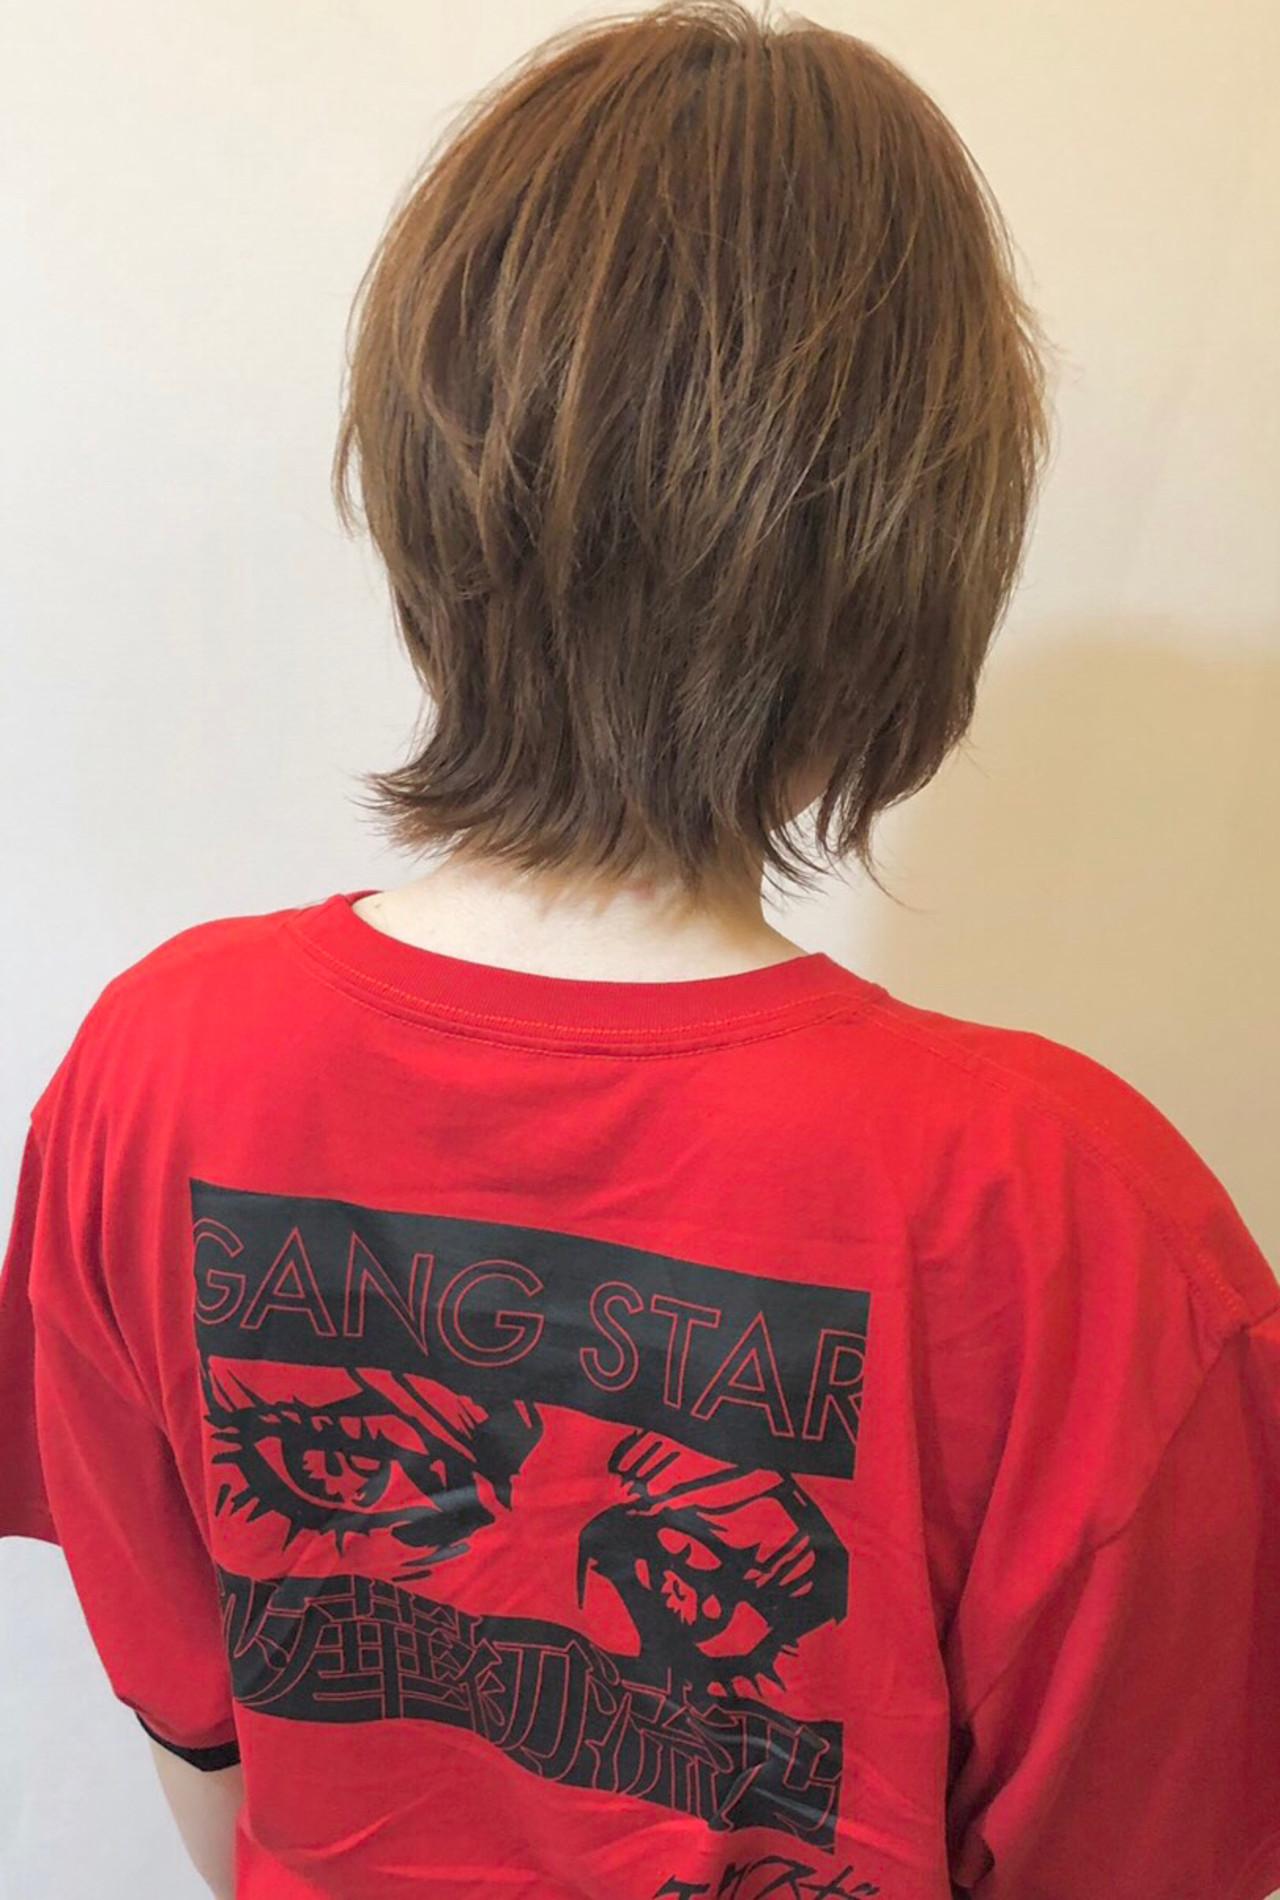 外国人風 ウルフカット ショート ストリート ヘアスタイルや髪型の写真・画像 | 高橋隆一/Ryuスタイル / hair&make  bis       group by ZEST